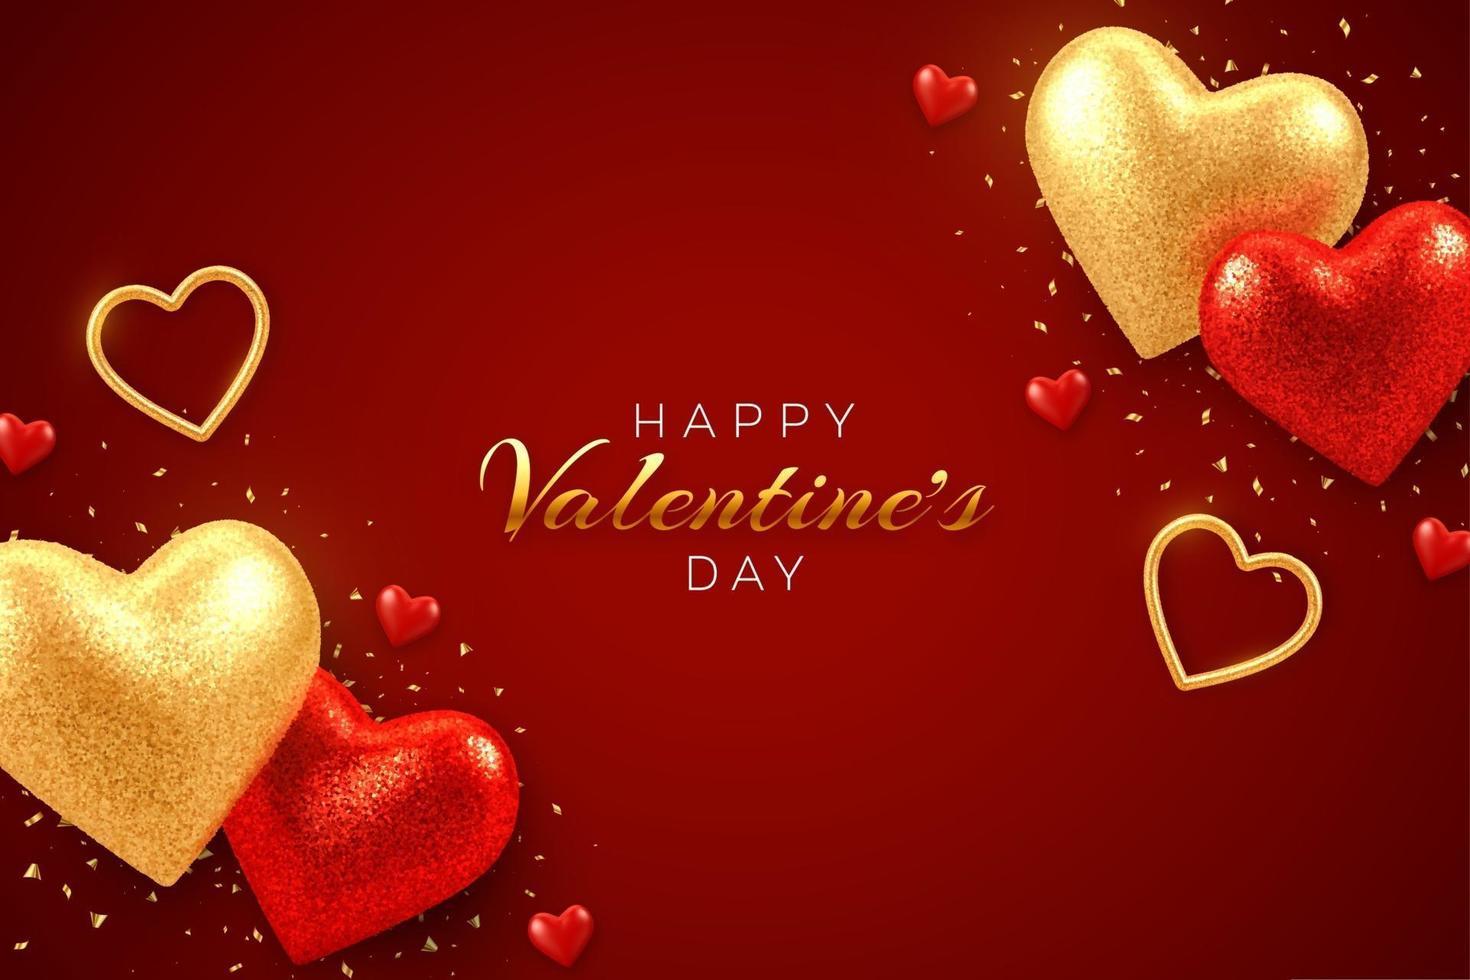 banner de venda de dia dos namorados com brilhantes corações de balões 3d vermelhos e dourados realistas com textura de glitter e confetes. plano de fundo, panfleto, convite, cartaz, folheto, cartão de felicitações. vetor